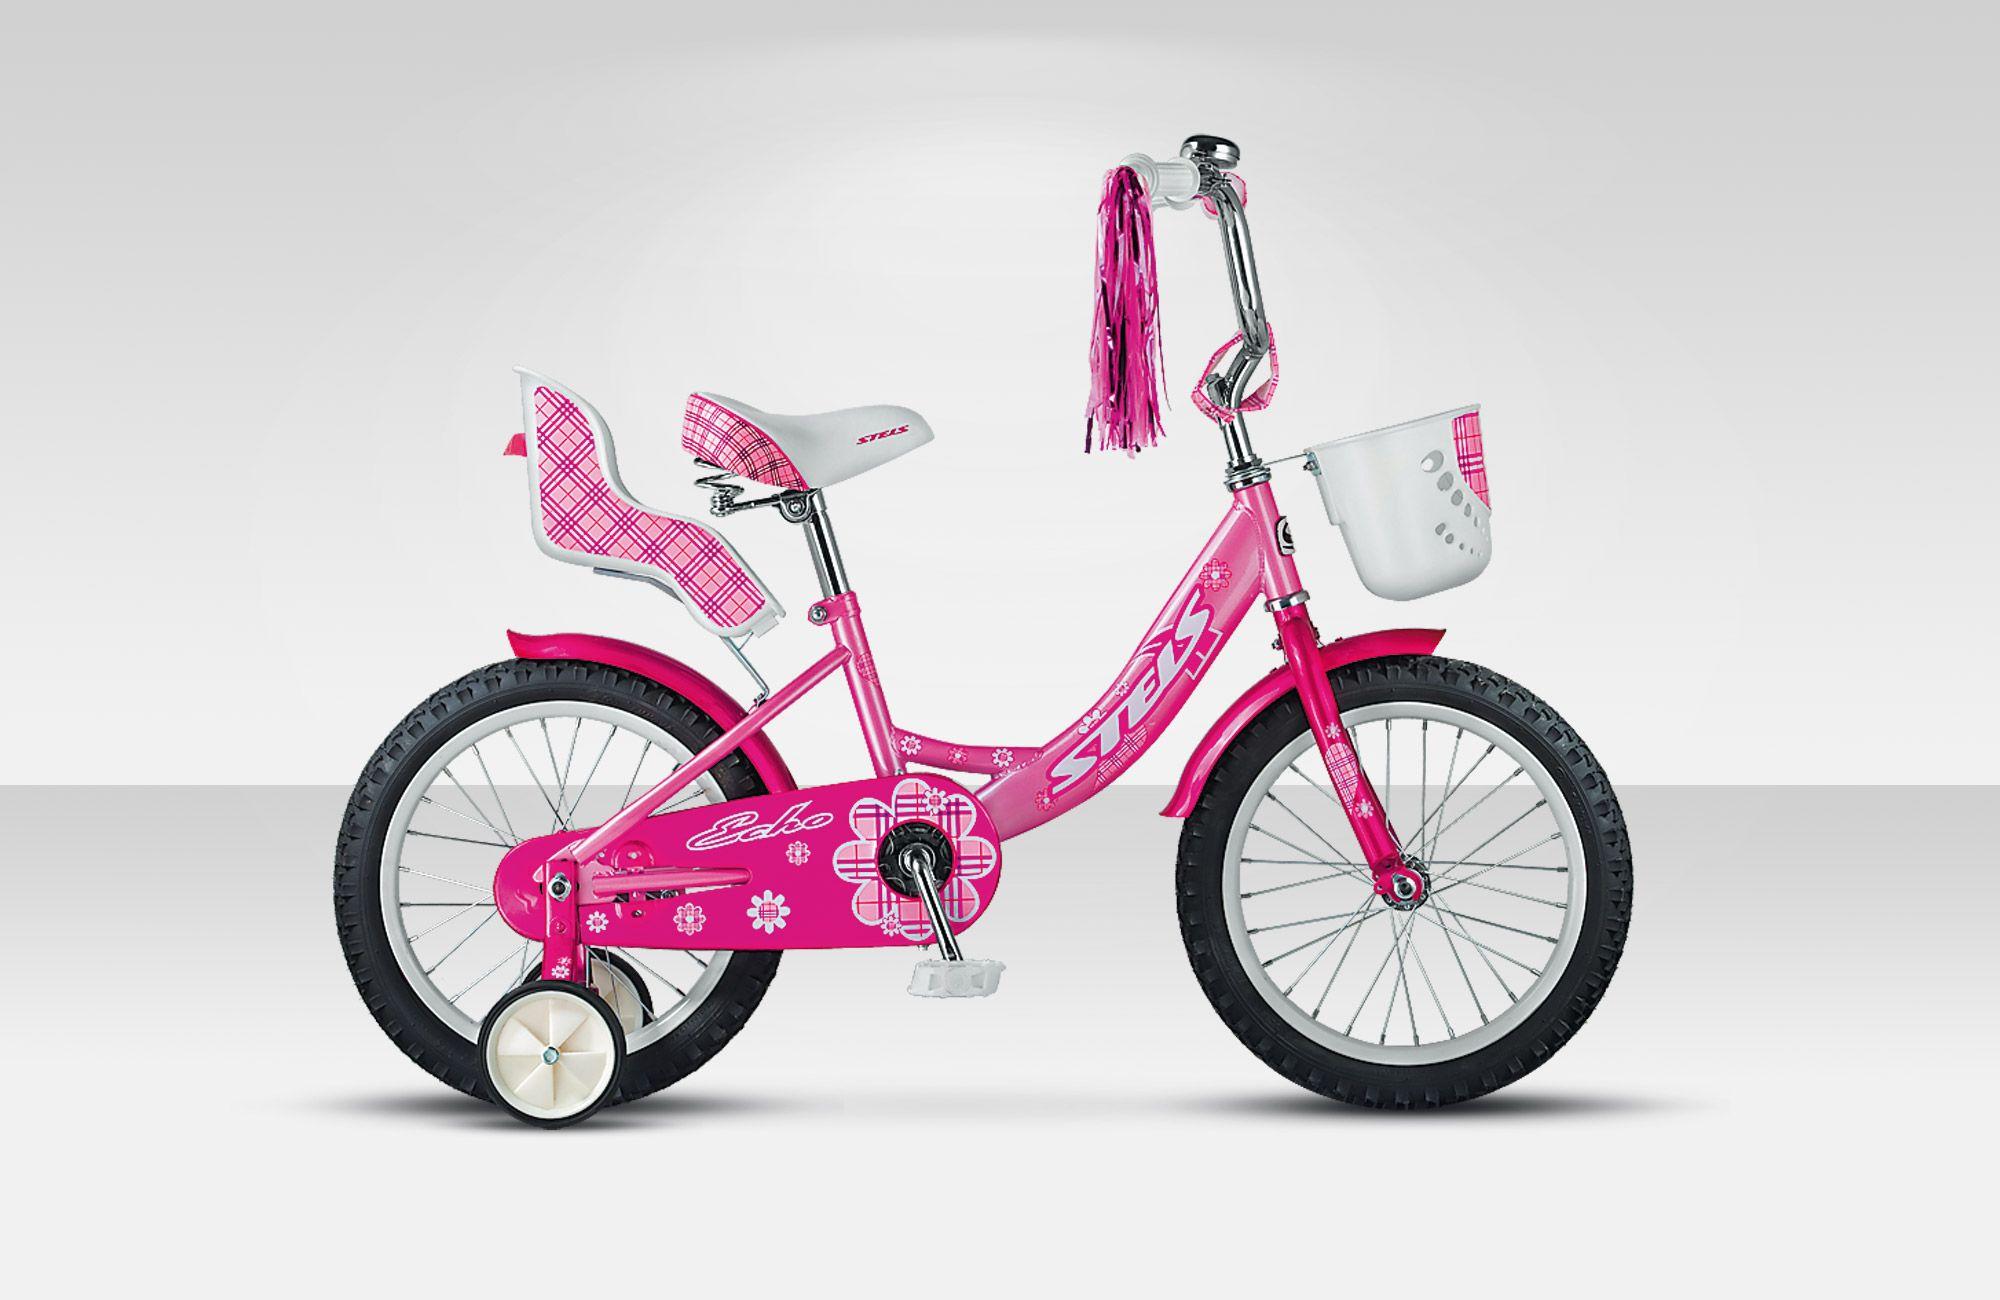 Велосипед StelsДетские<br>Прочный и яркий детский велосипед Stels Echo 16, рассчитанный на детей от 5 до 7 лет. Если ваш ребенок еще не умеет держать равновесие при катании на двух колесах, то в этом ему помогут дополнительные боковые колесики, которые можно быстро снять, когда навык ребенка вырастет. Безопасность при катании добавят мягкие накладки на руле и выносе, звоночек, крылья и защита цепи. В корзинку и багажник можно положить любимые игрушки и куклы. Стальная рама обладает высокой прочностью и обеспечивает Stels Echo 16 высокой прочностью и долговечностью.<br>